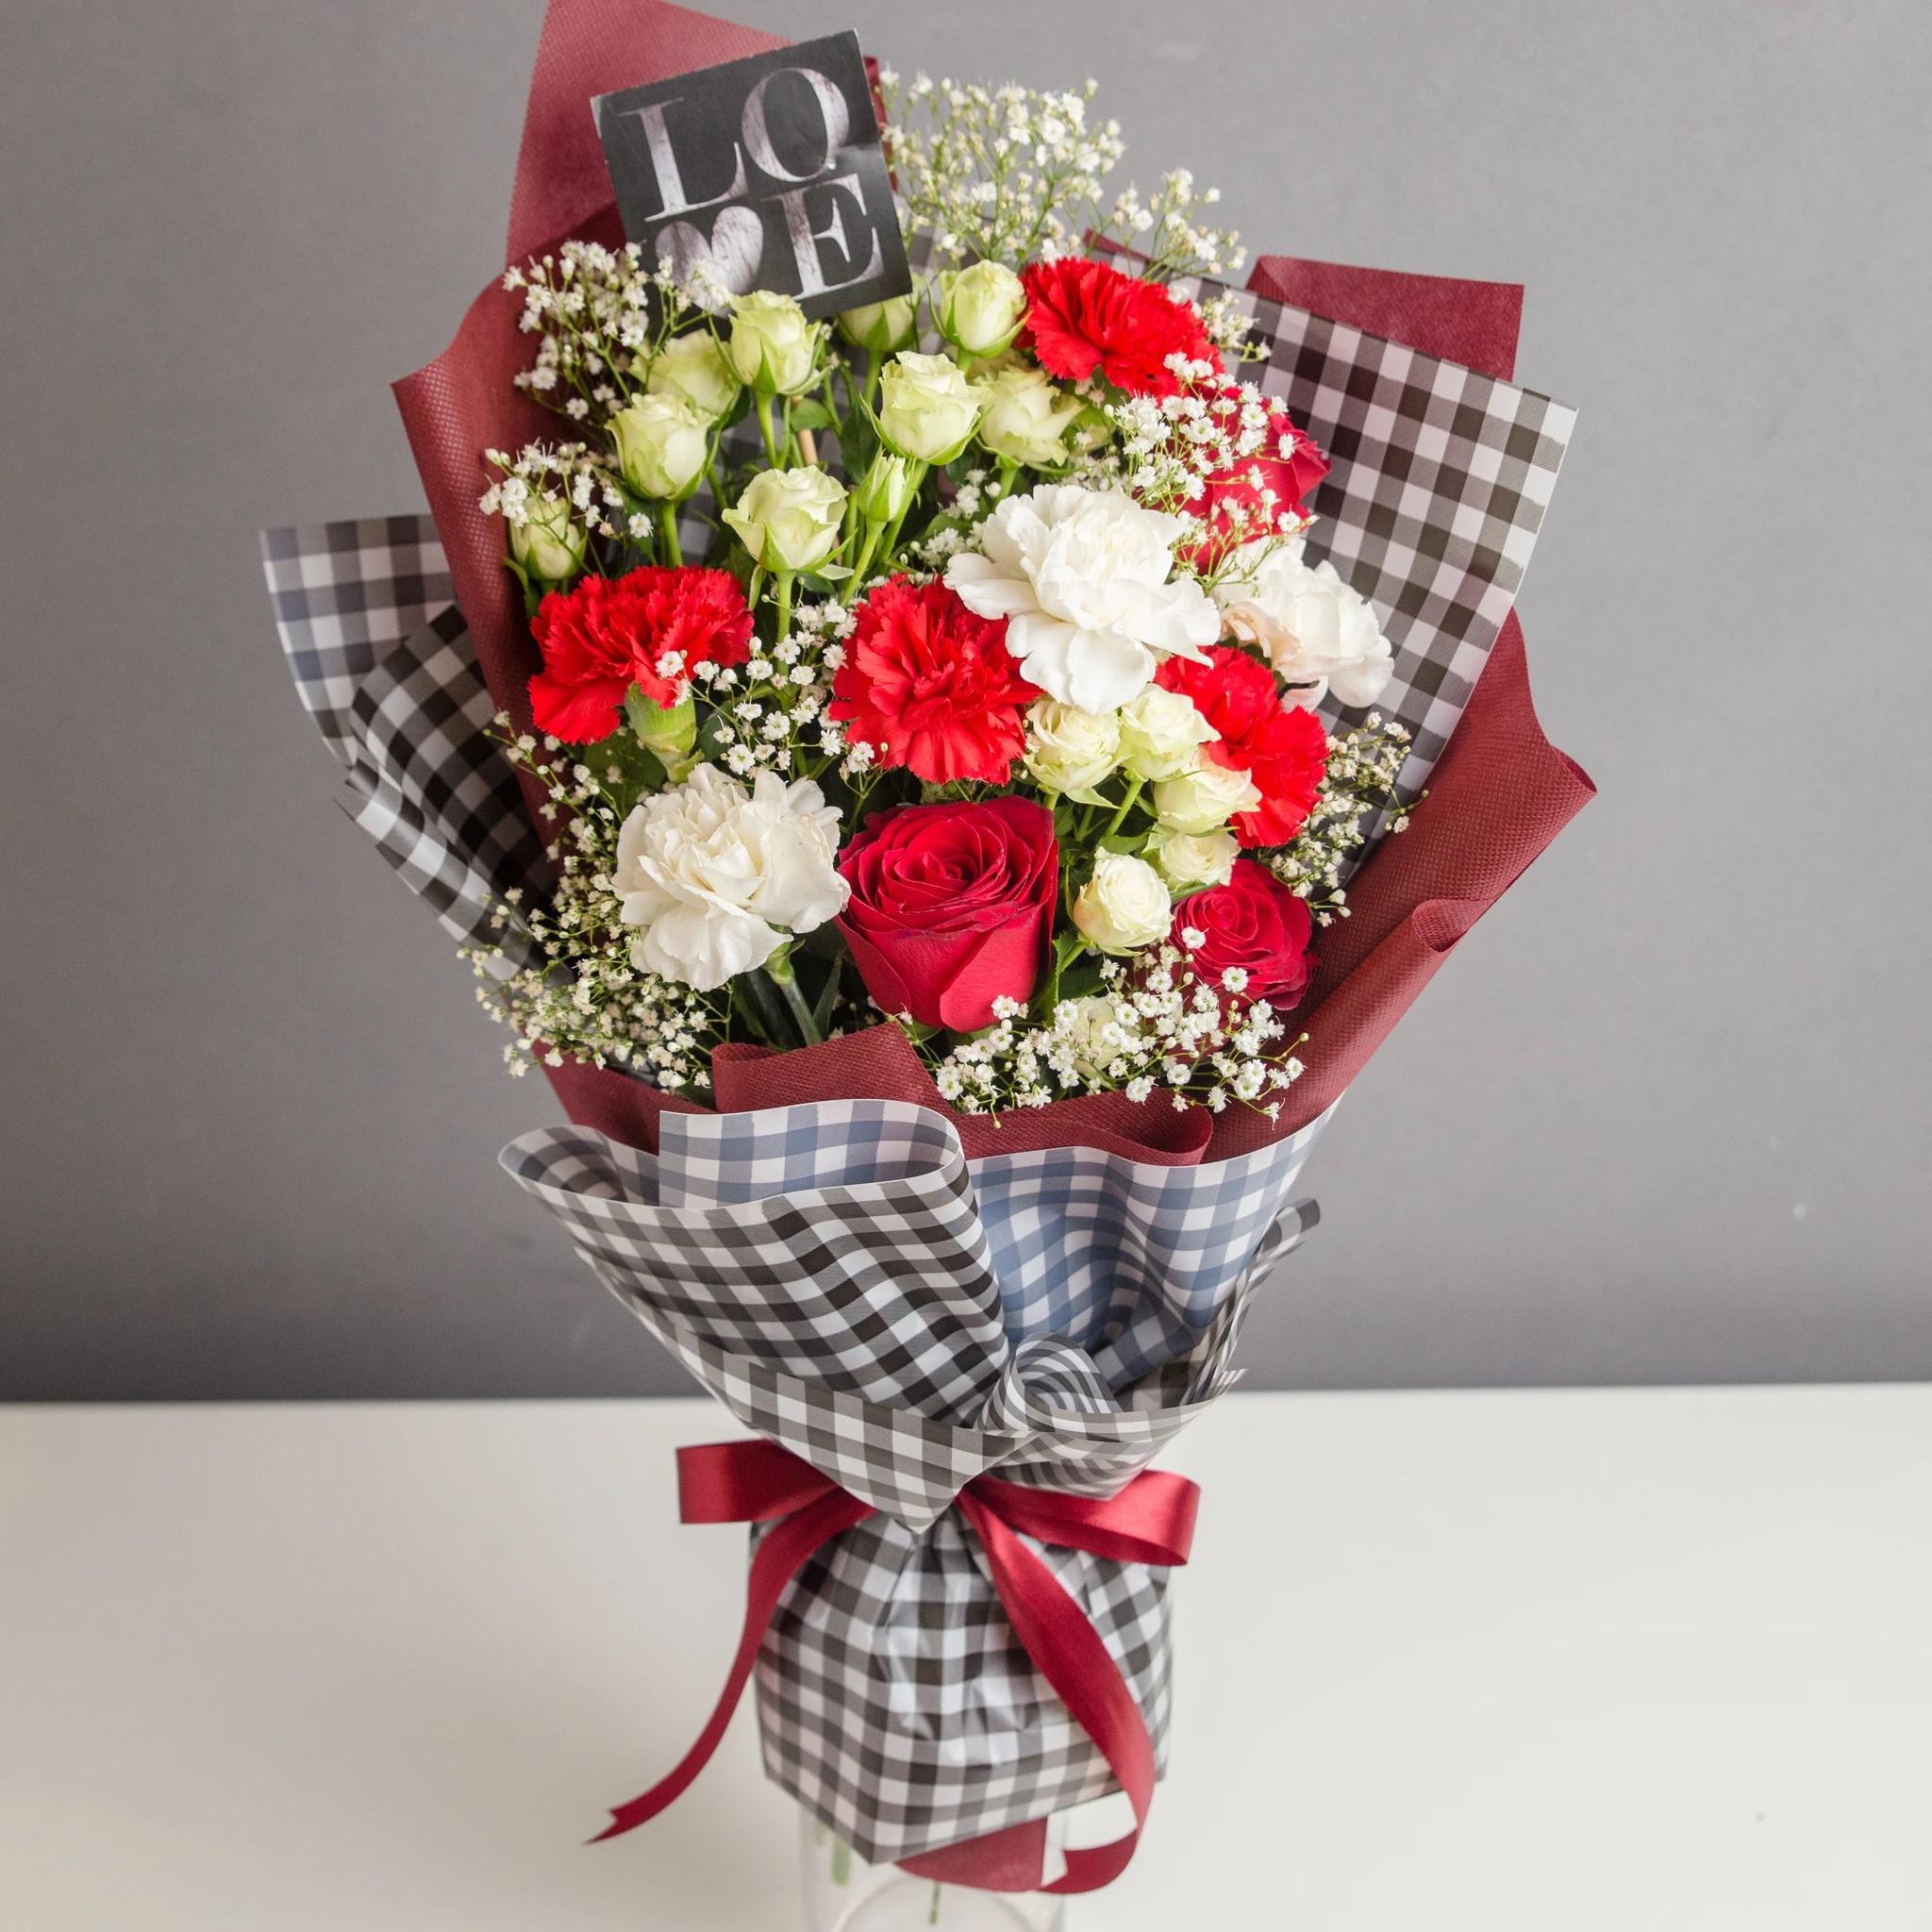 Send Flowers Online in Pakistan - FromYouFlowers.pk